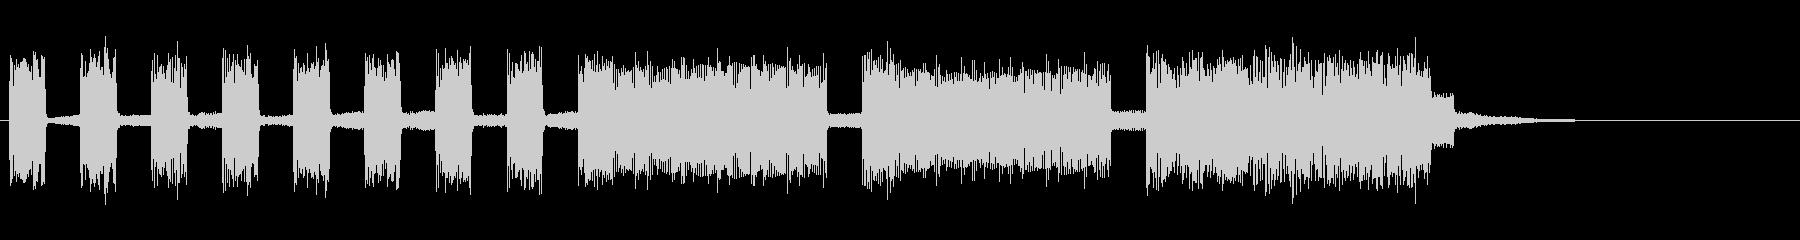 ファミコン風ゲームオーバー音の未再生の波形